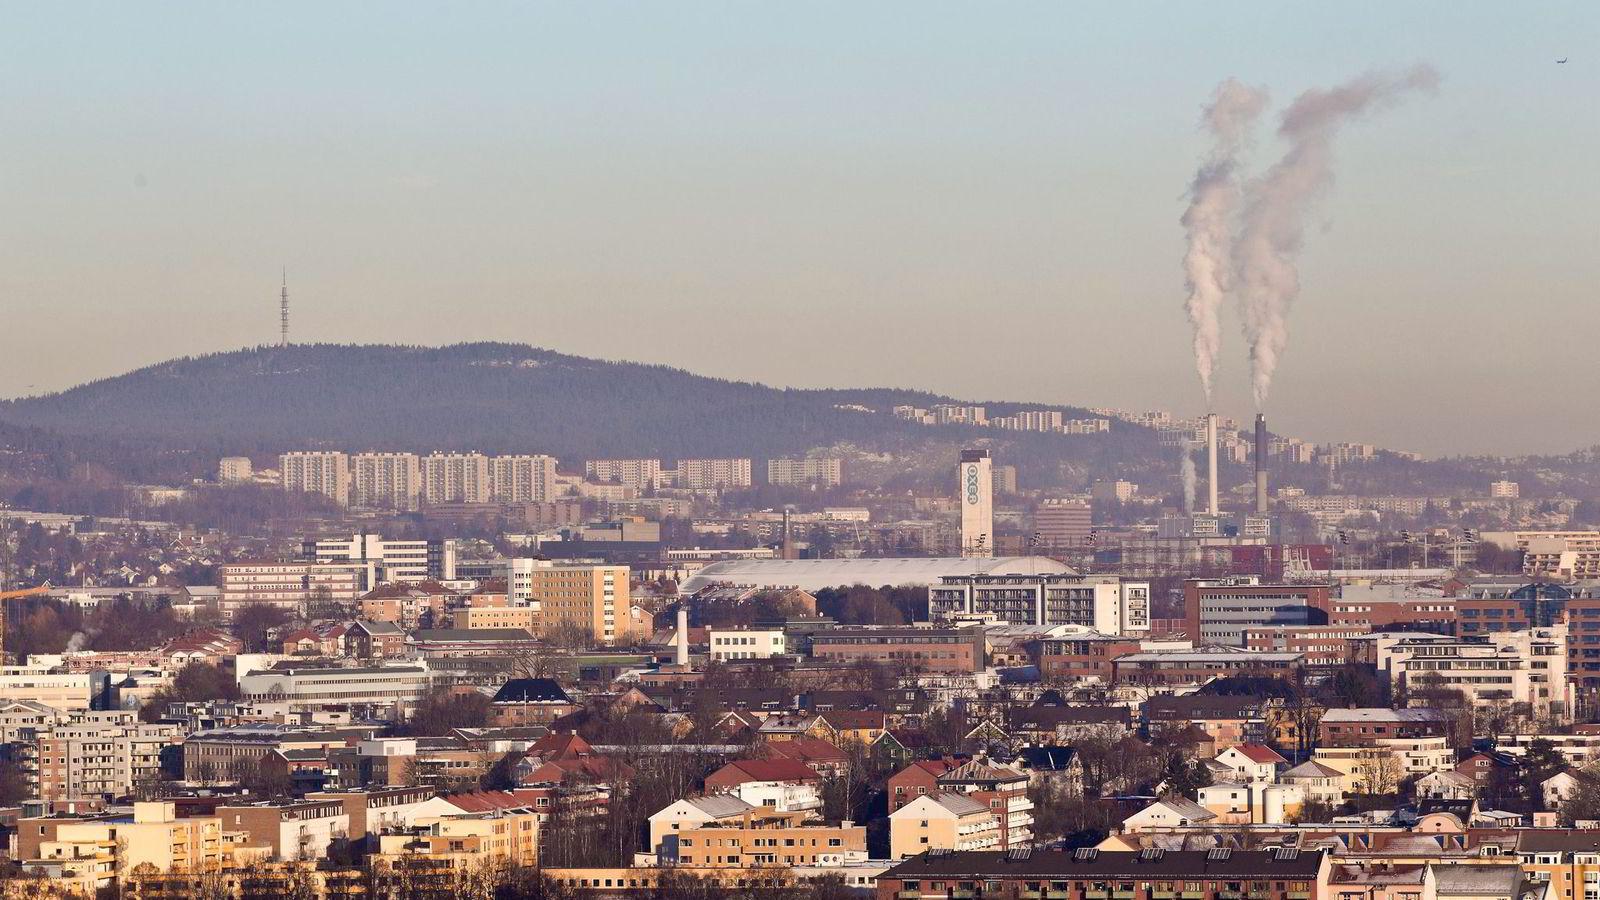 Ikke så rent som du tror. Bilde over Oslo som viser luftforurensing. Foto: Vegard Grøtt /